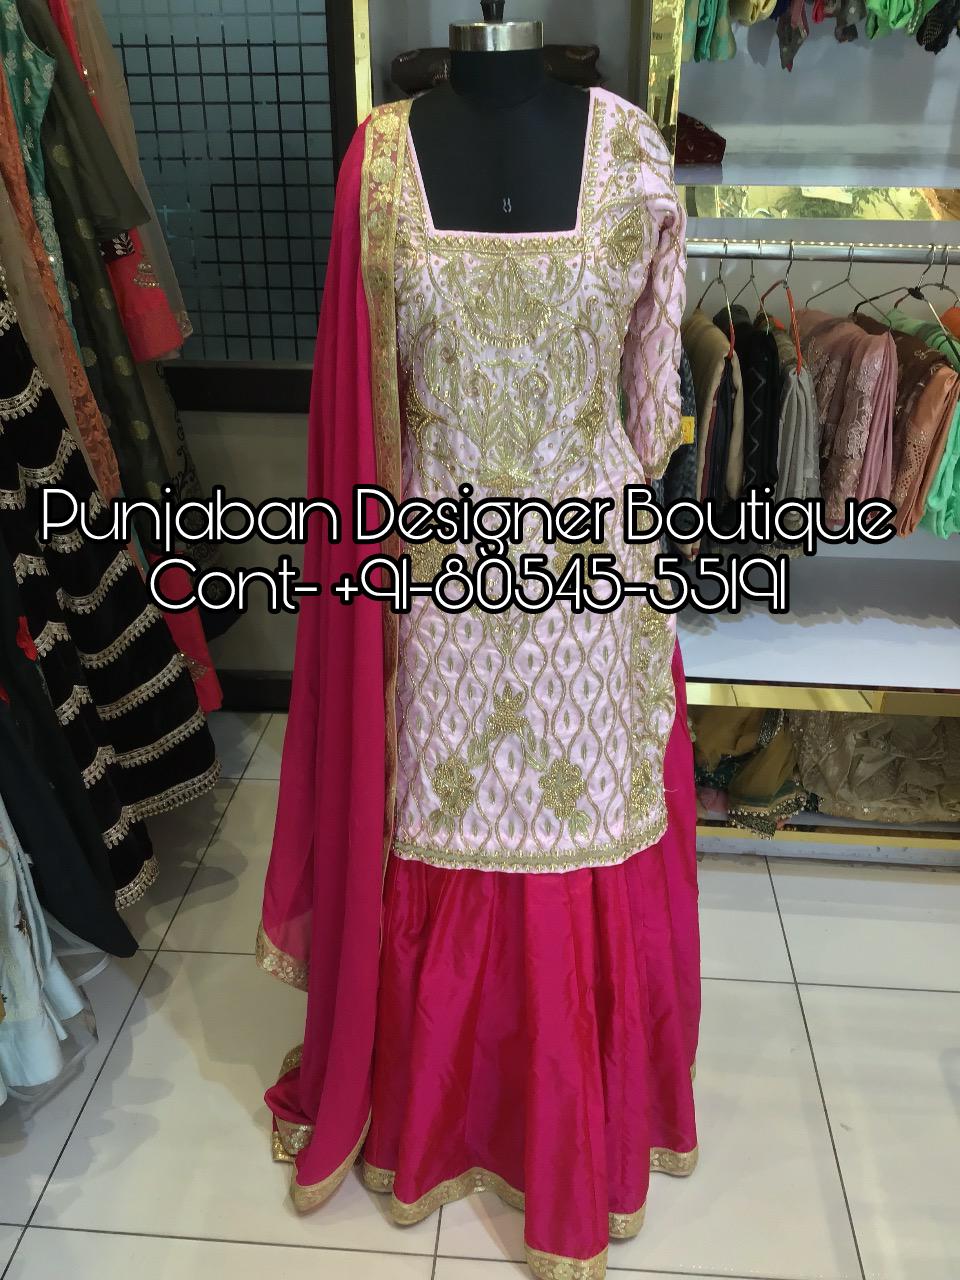 a810d2cc36 designer punjabi suits party wear ,party wear punjabi suits boutique  ,punjabi boutique style suits